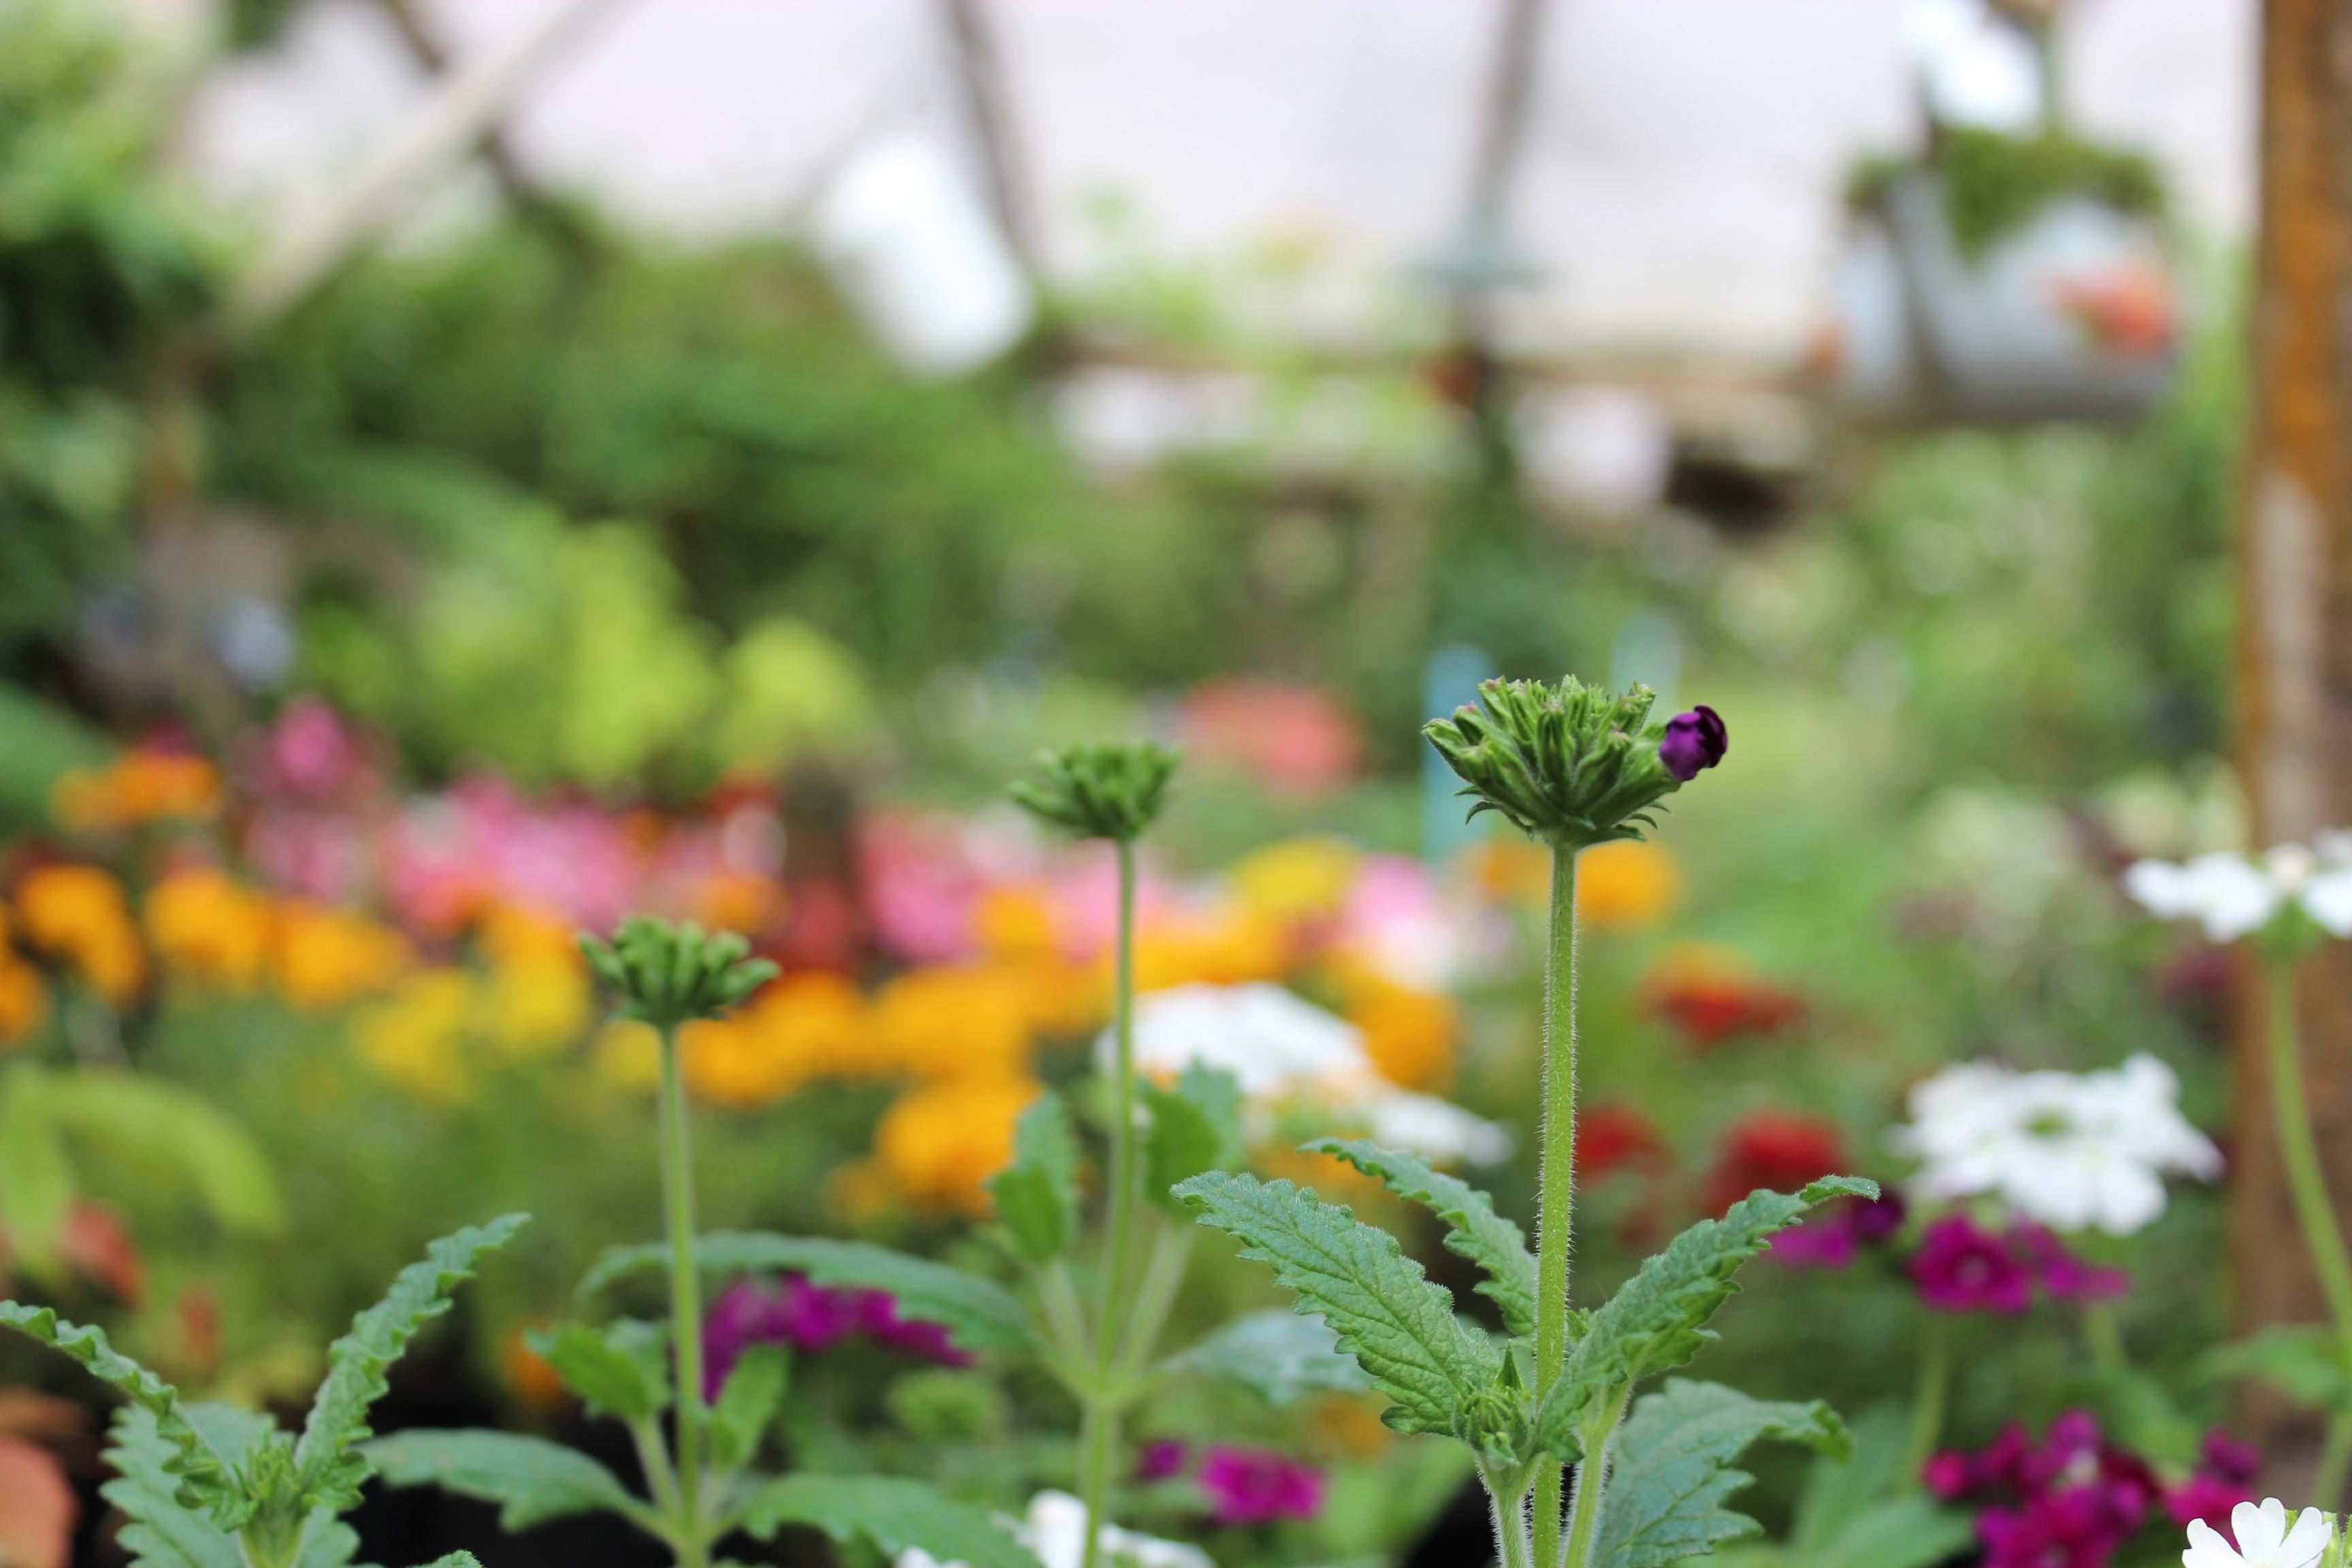 Verbena, Verbena hybrida.